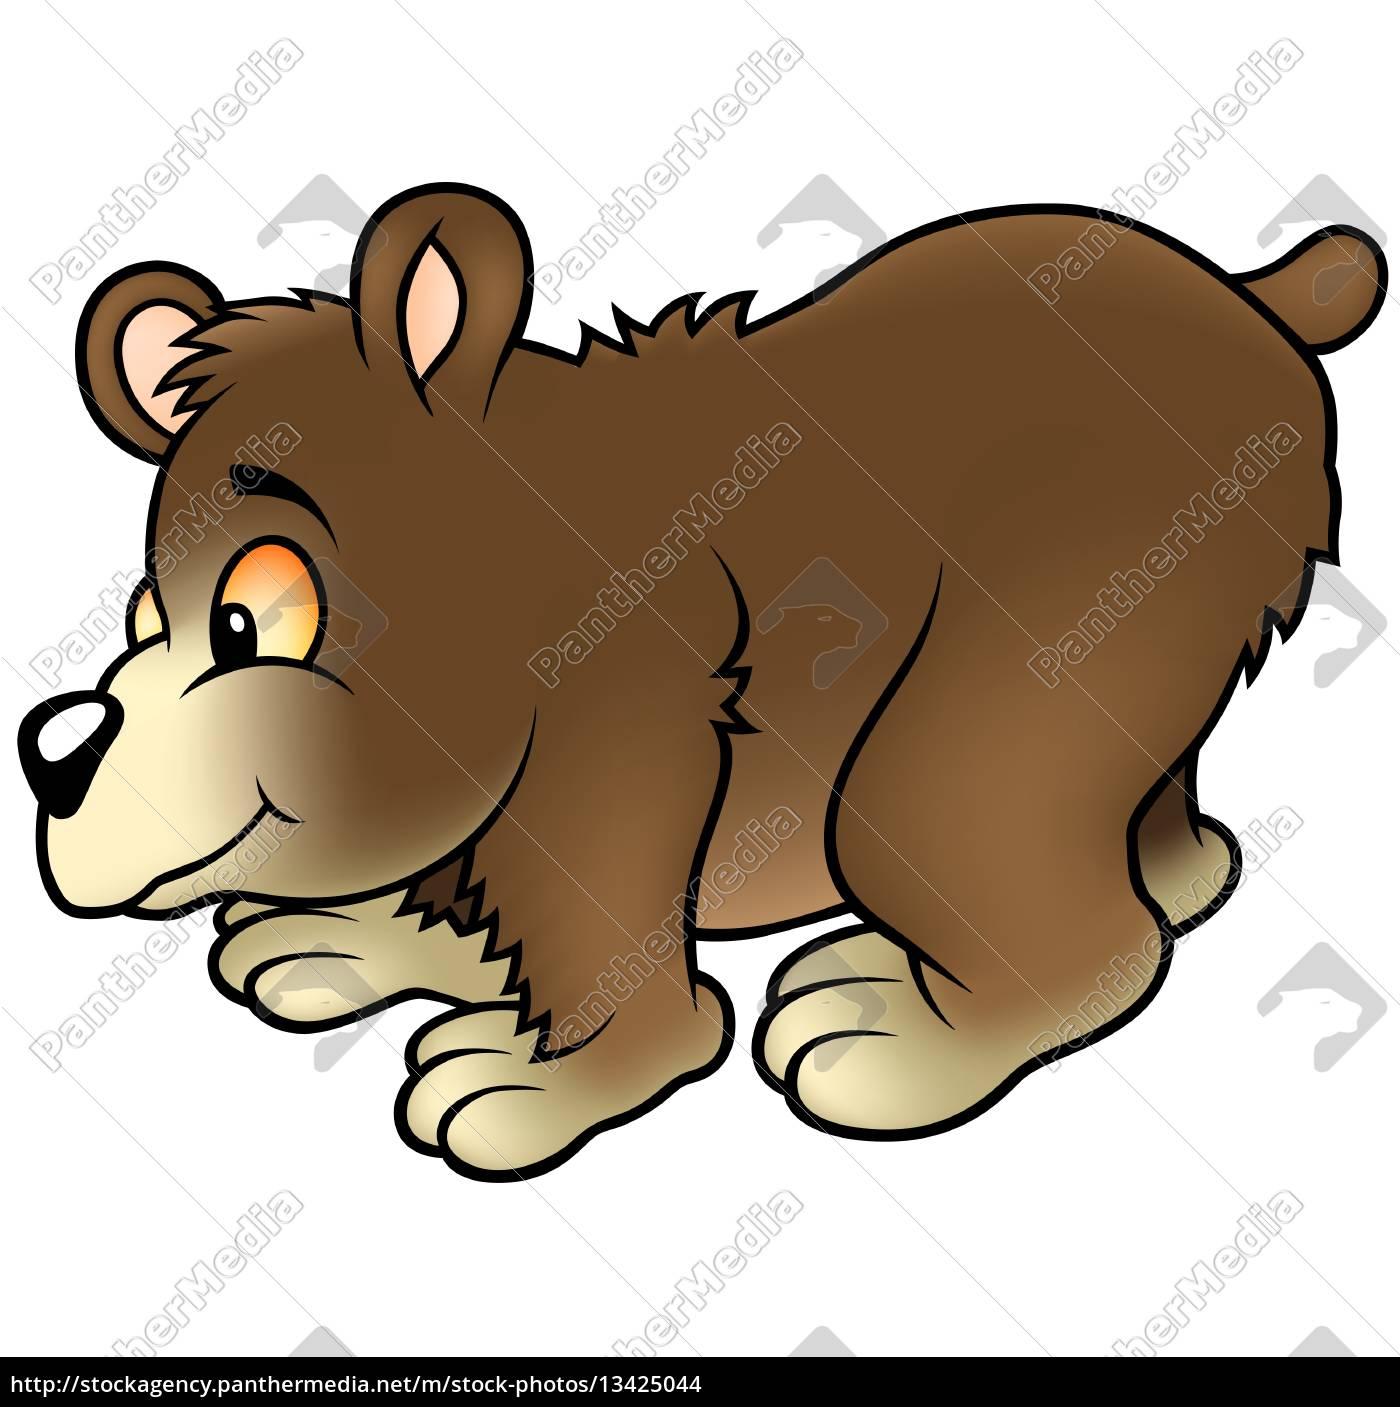 bear - 13425044